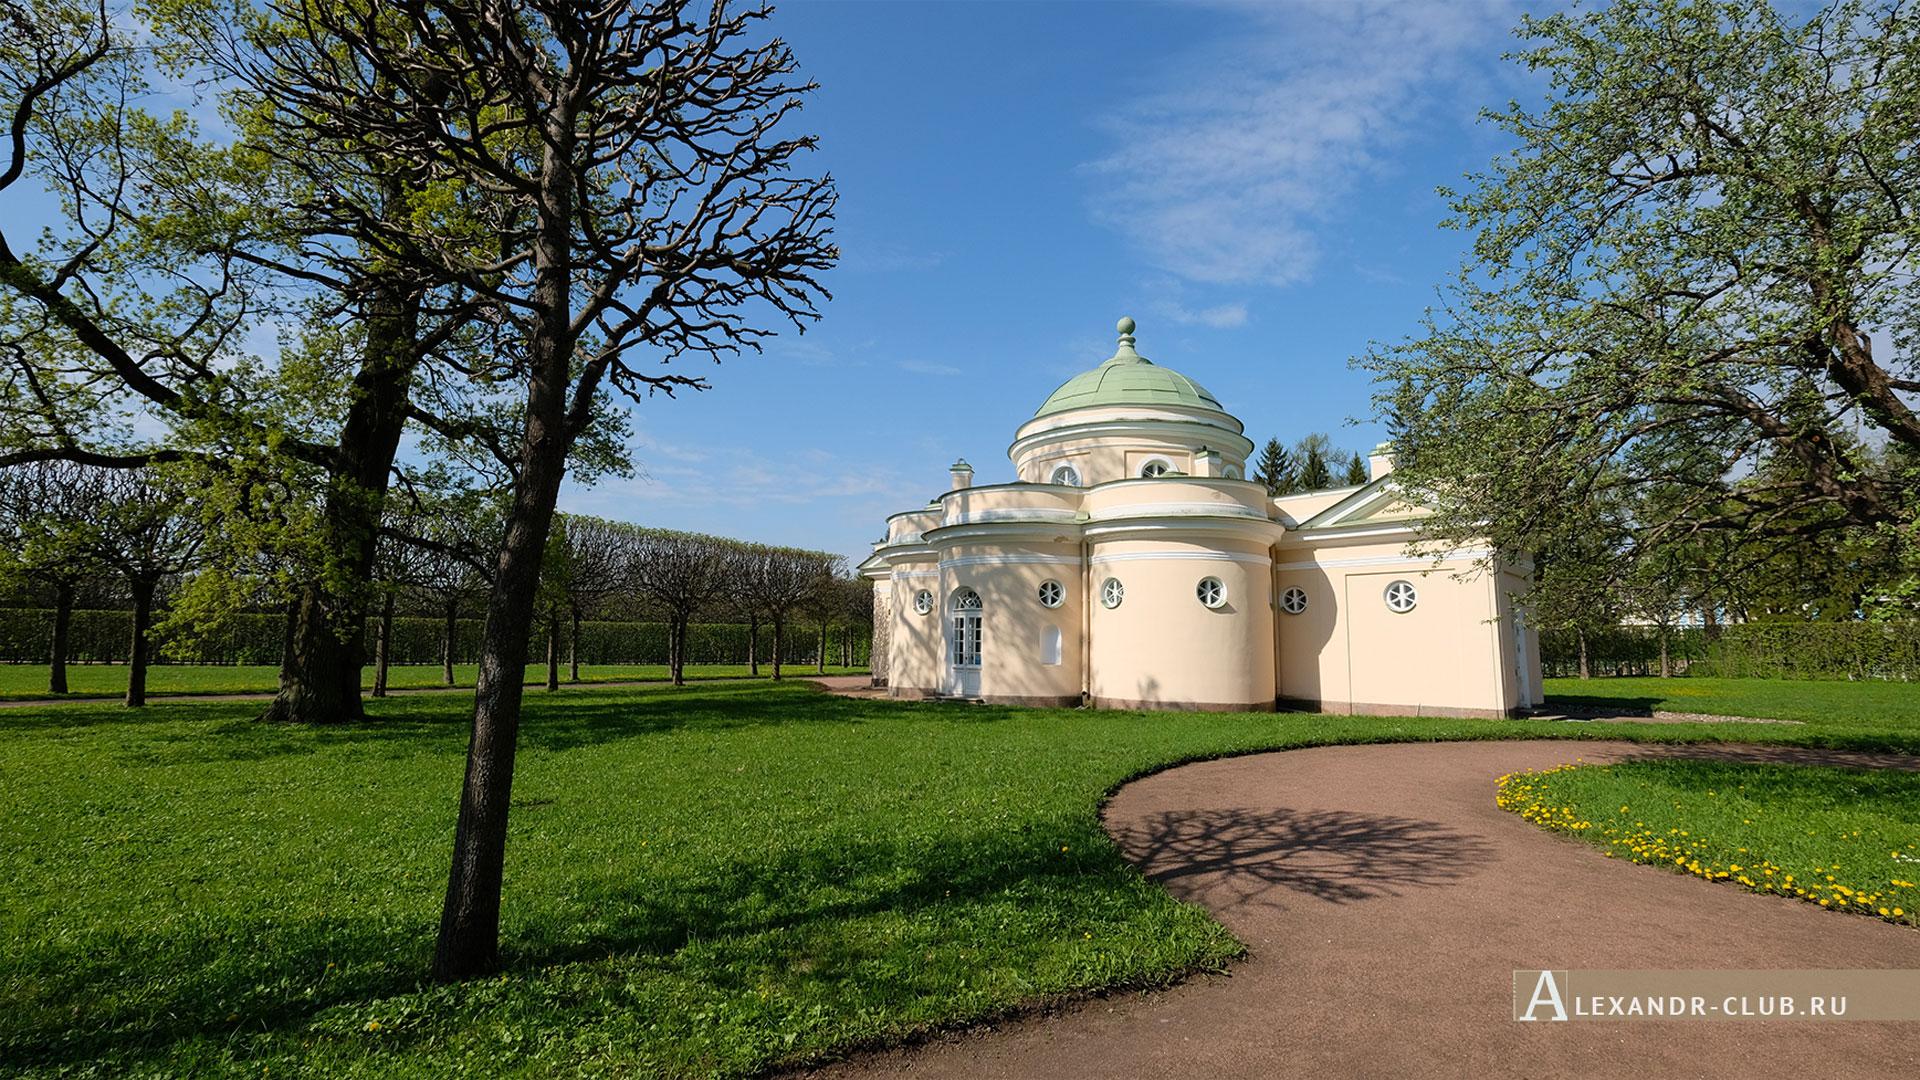 Царское Село, весна, Екатерининский парк, павильон «Нижняя ванна»